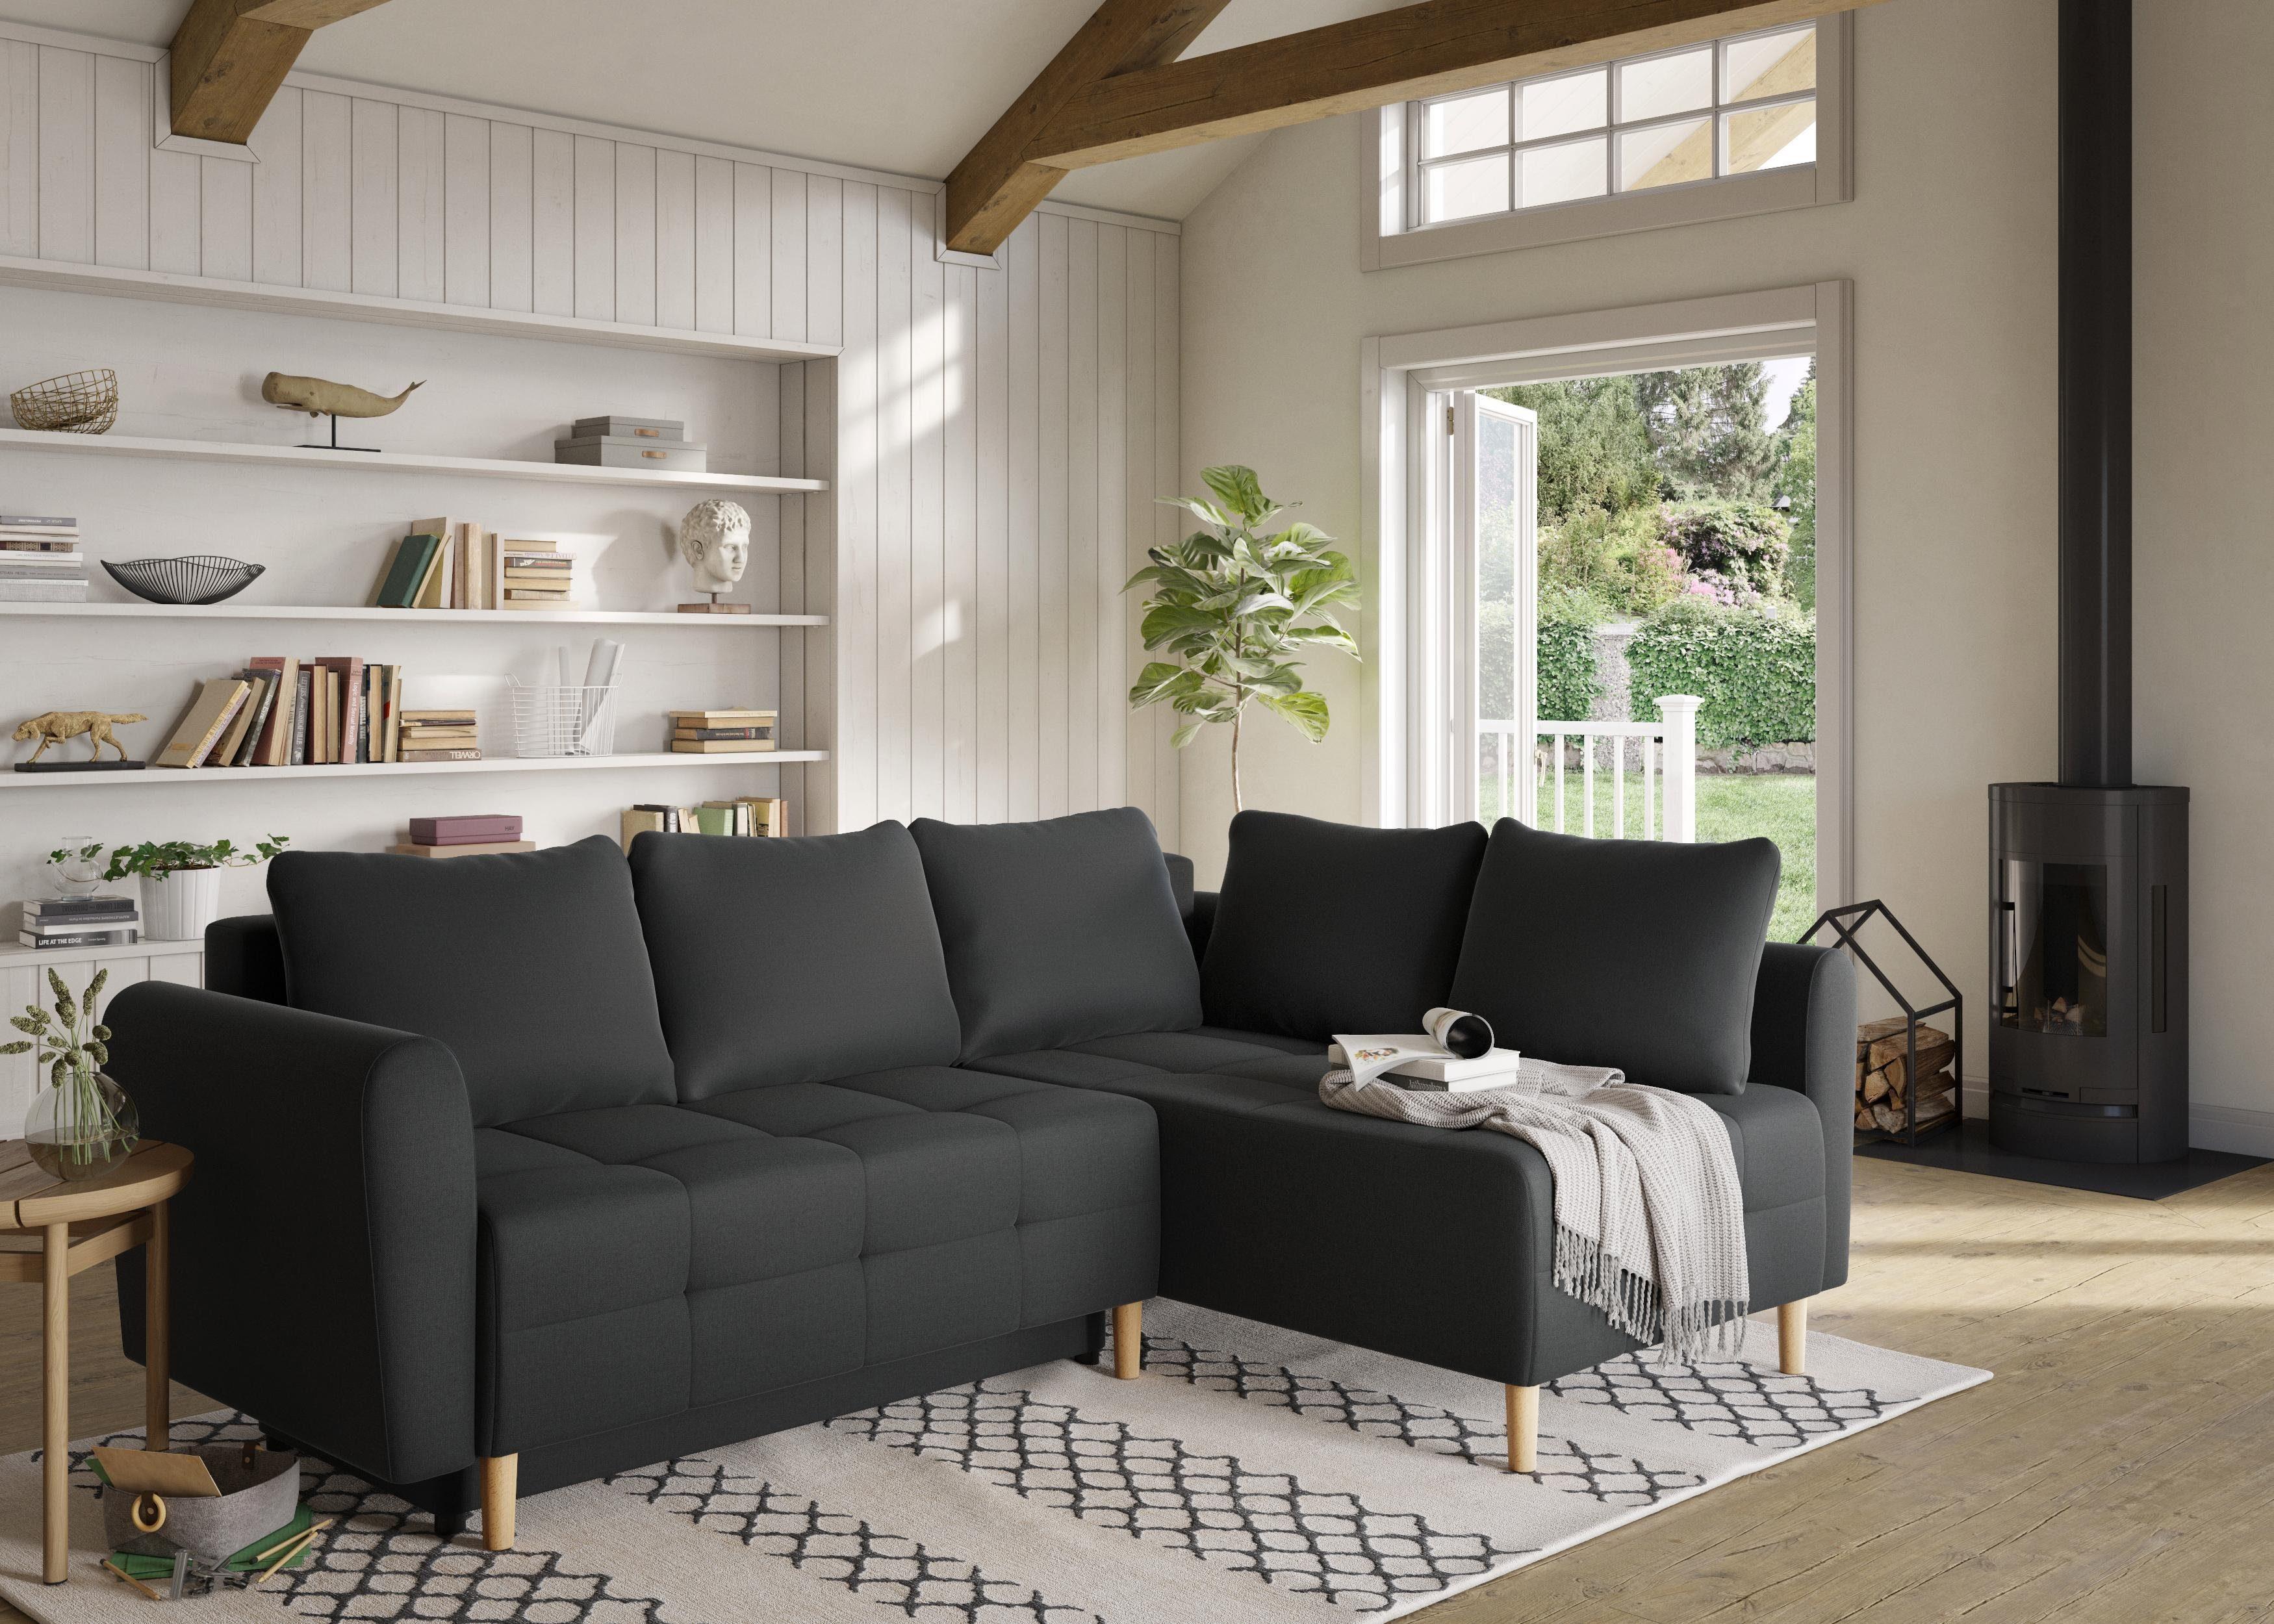 Home affaire Ecksofa Nordic mit Bettfunktion und Bettkasten Steppung im Sitzbereich